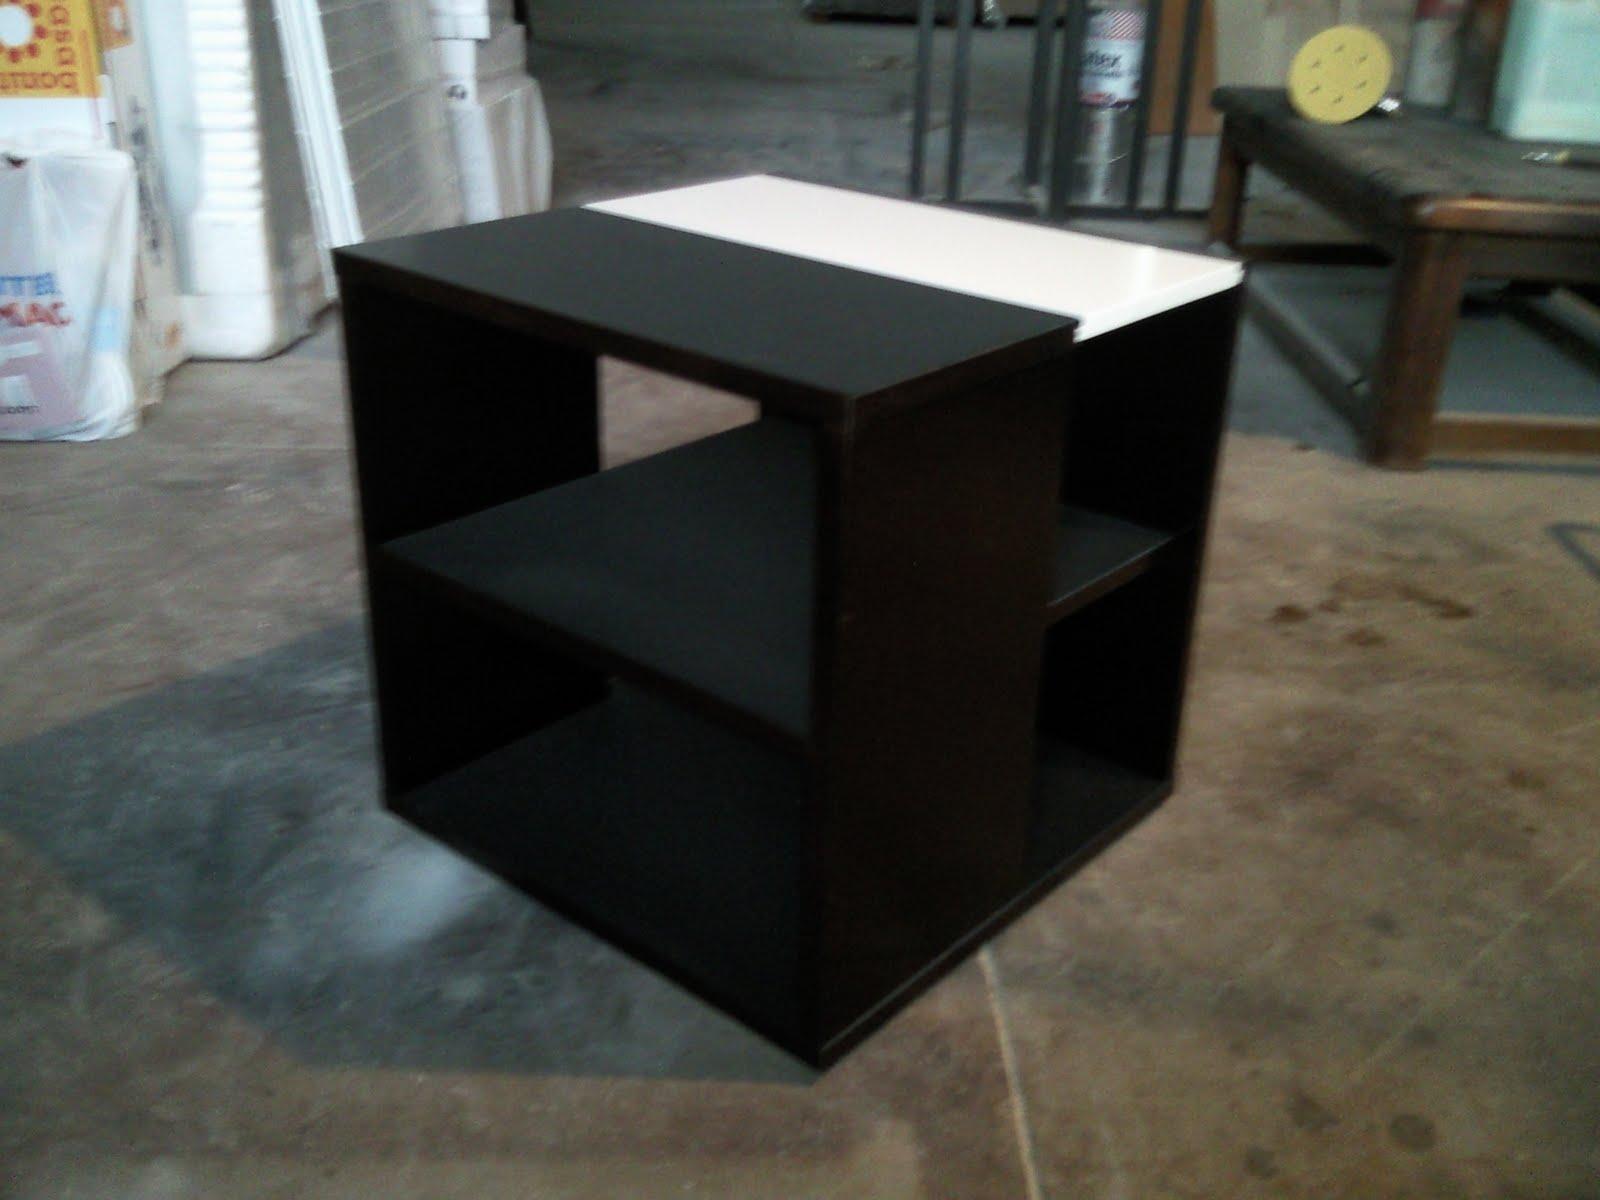 Mesas laterales muebles sanchez for Muebles sanchez